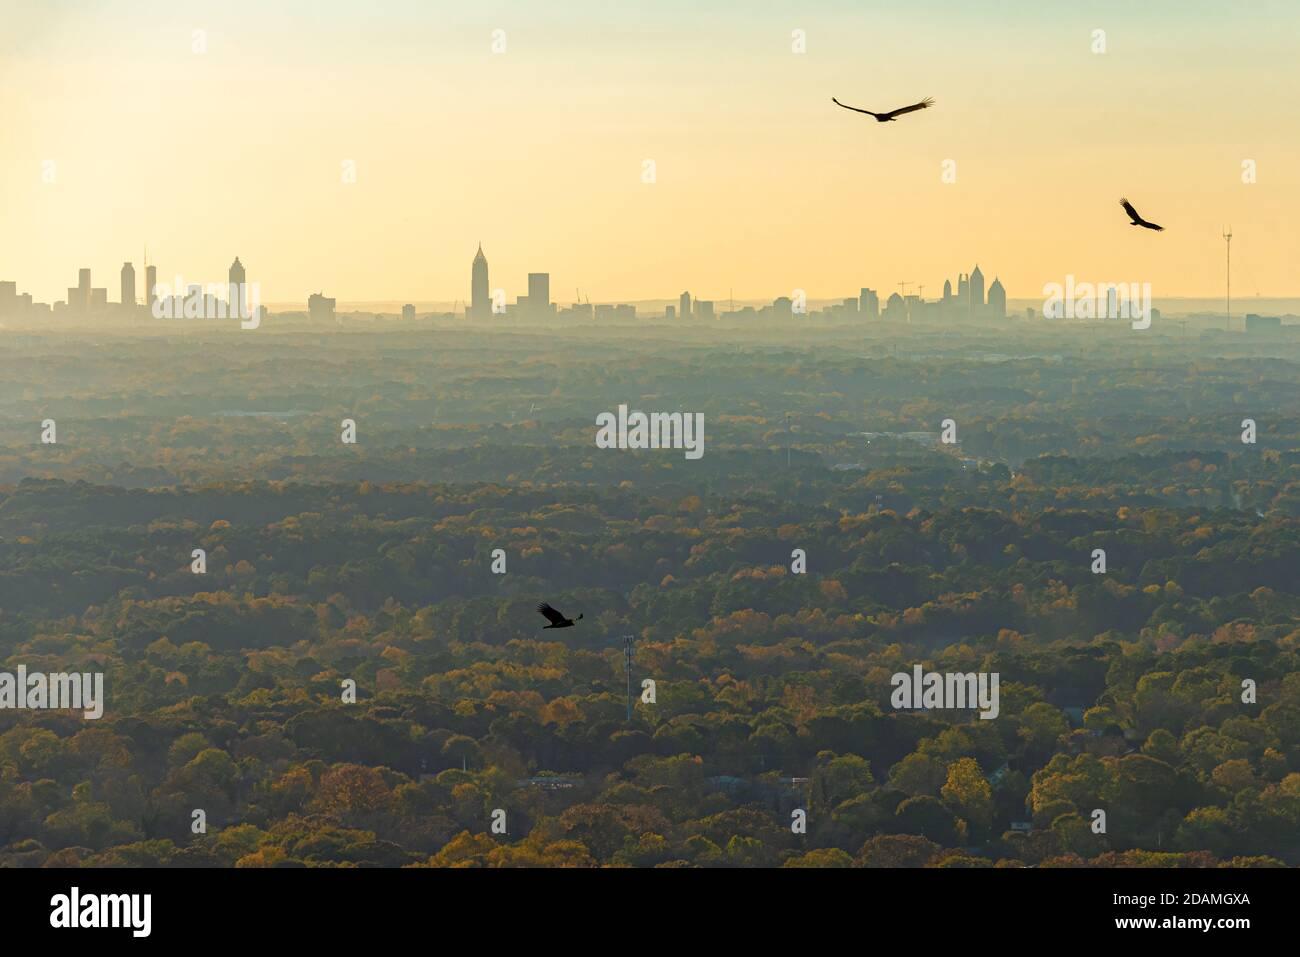 Vue sur le centre-ville et le centre-ville d'Atlanta au coucher du soleil depuis le sommet de Stone Mountain, juste à l'est d'Atlanta, à Stone Mountain, en Géorgie. Banque D'Images